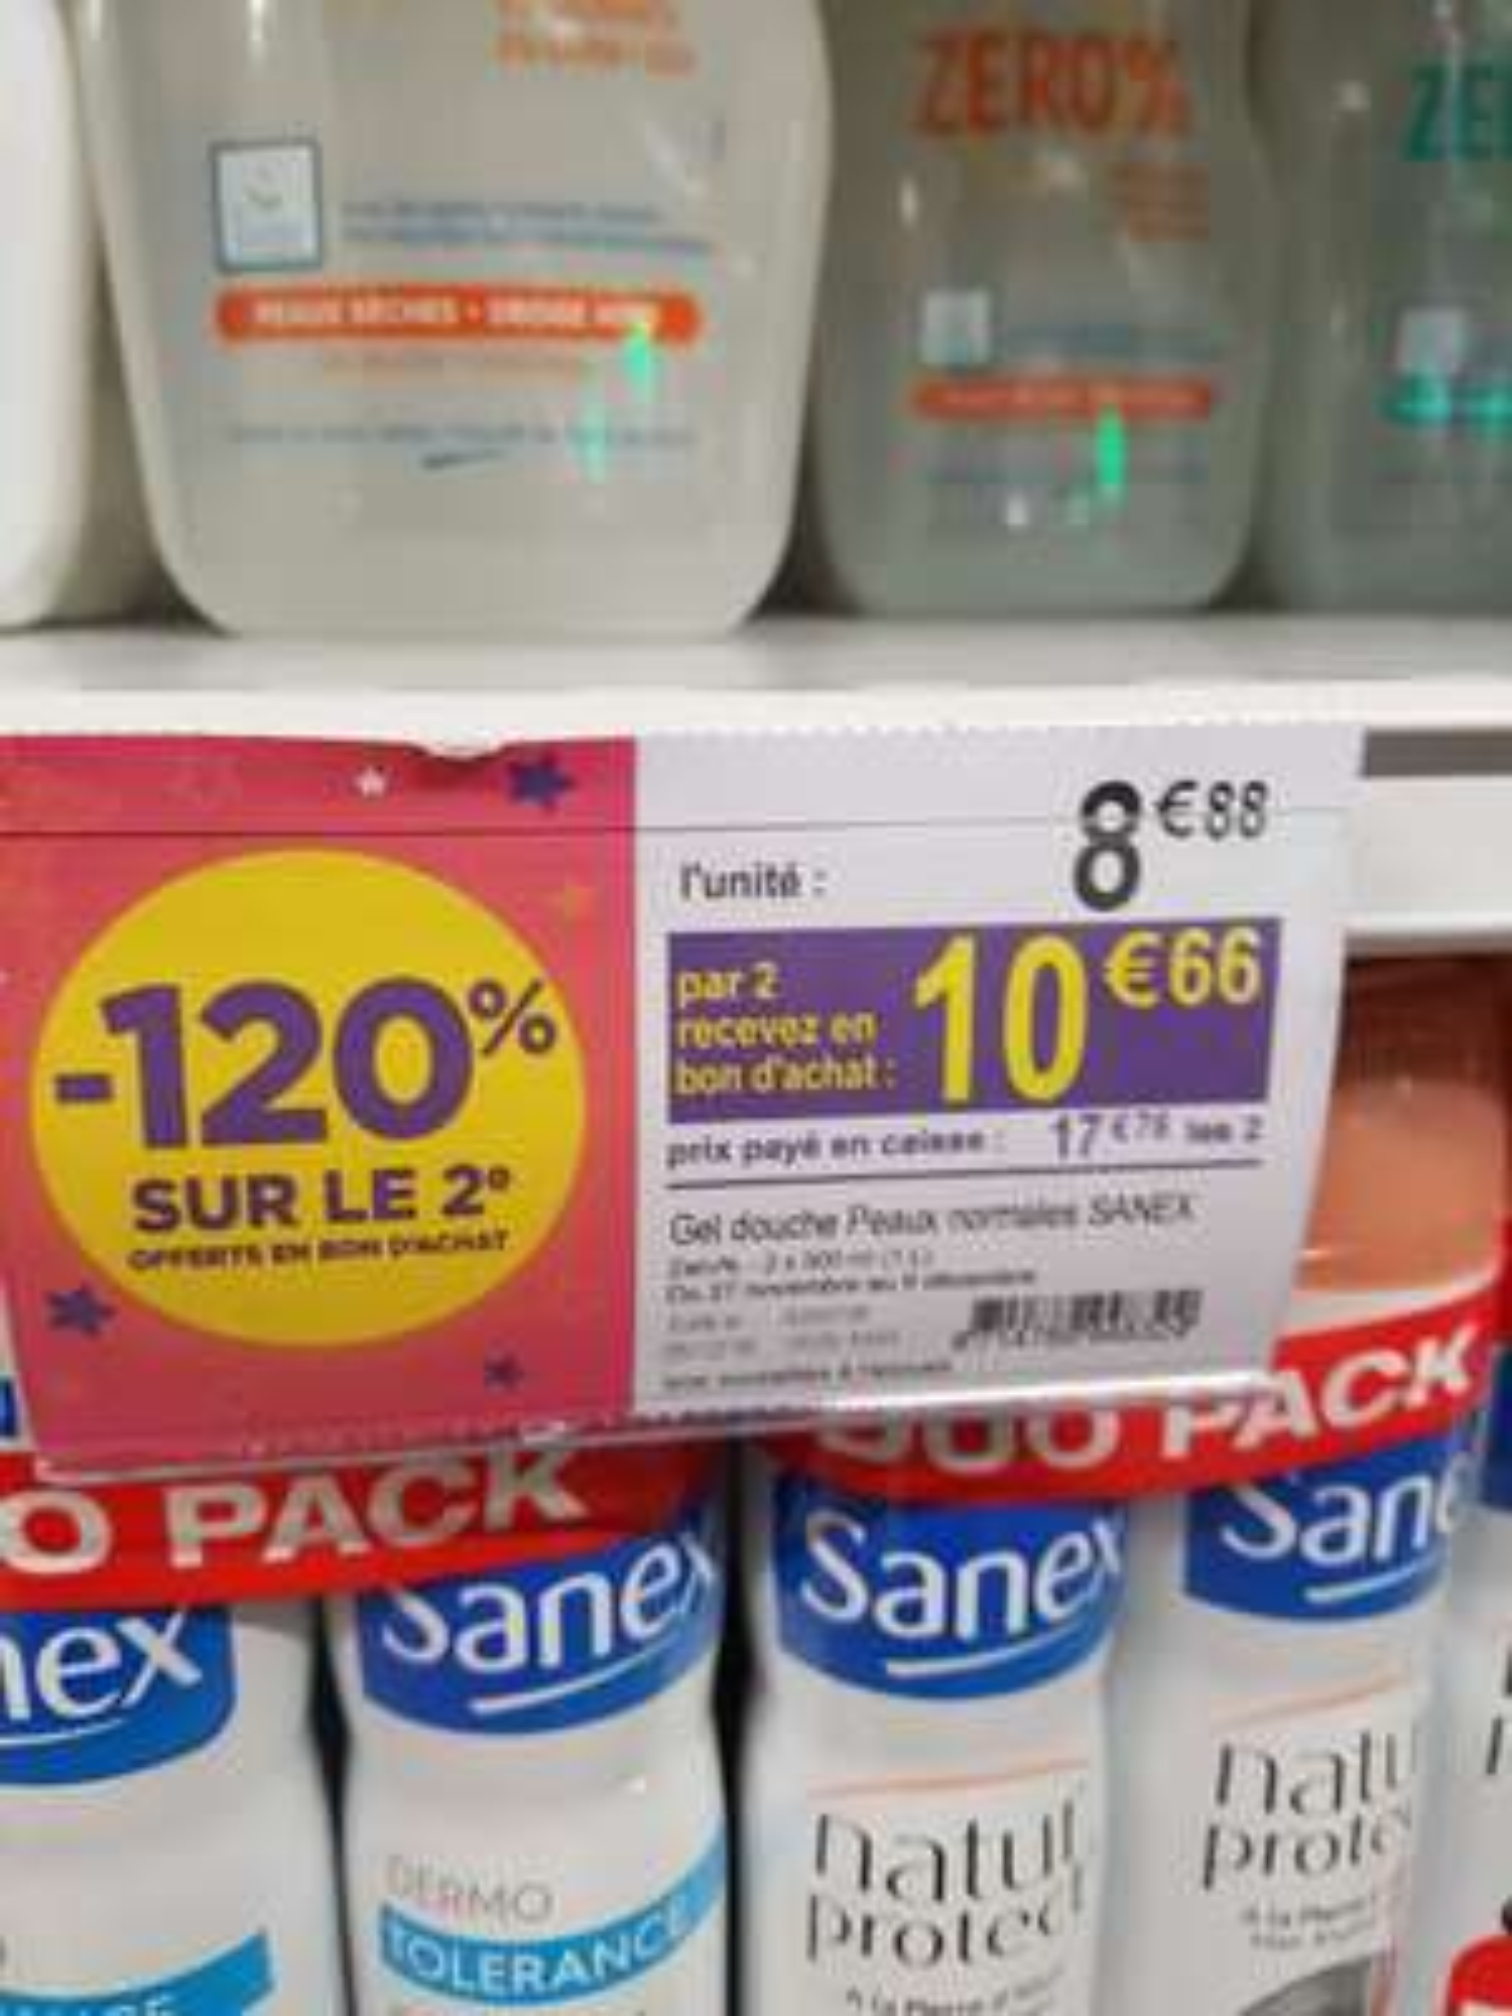 2 lots de 2x500ml Gel douche Sanex Zero% (Via 10,6€ en bon d'achat) - Chaville (92)